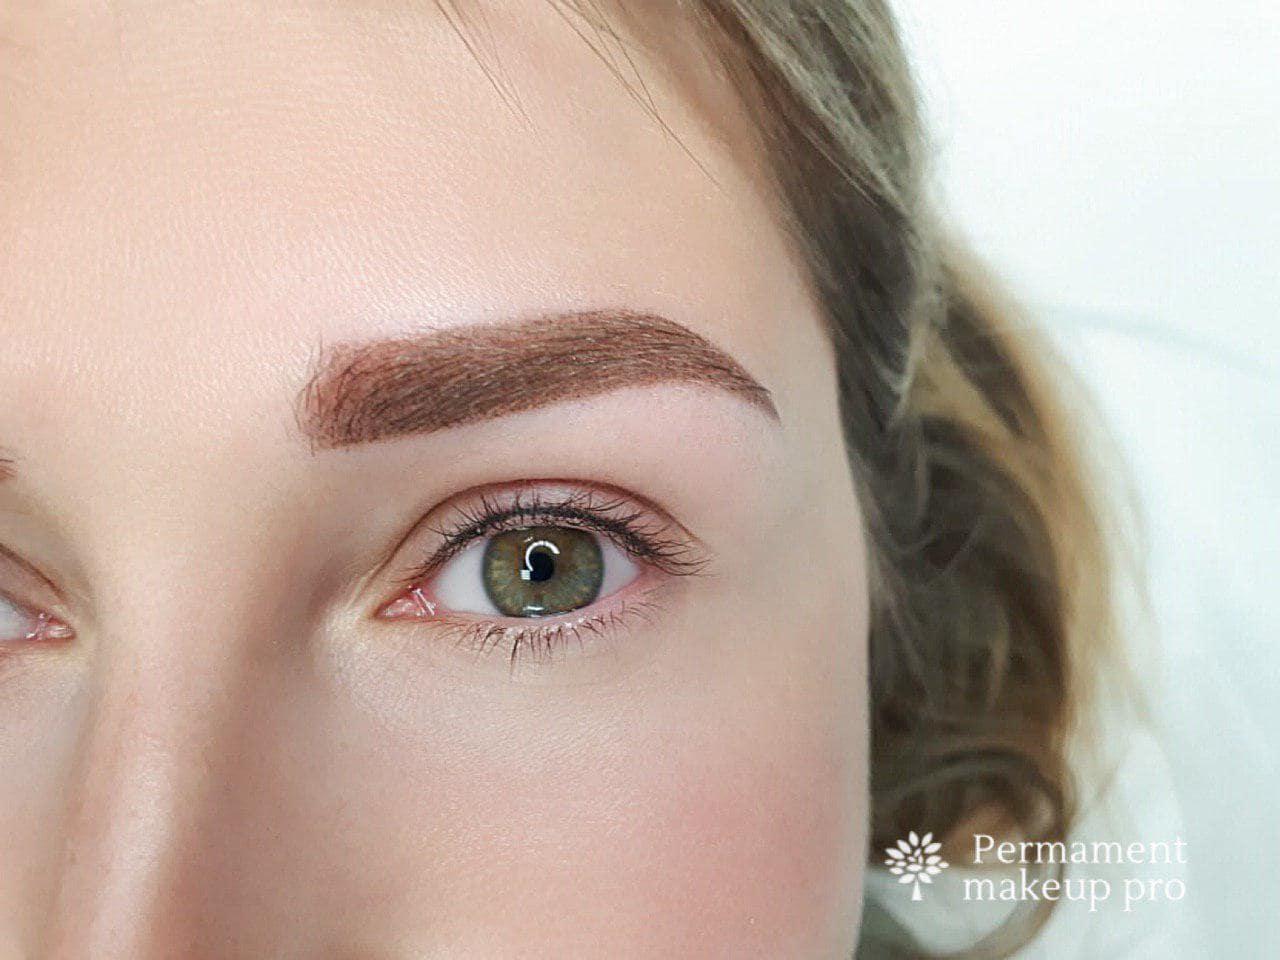 Перманентный макияж: этапы процедуры, пигменты, анестезия, уход